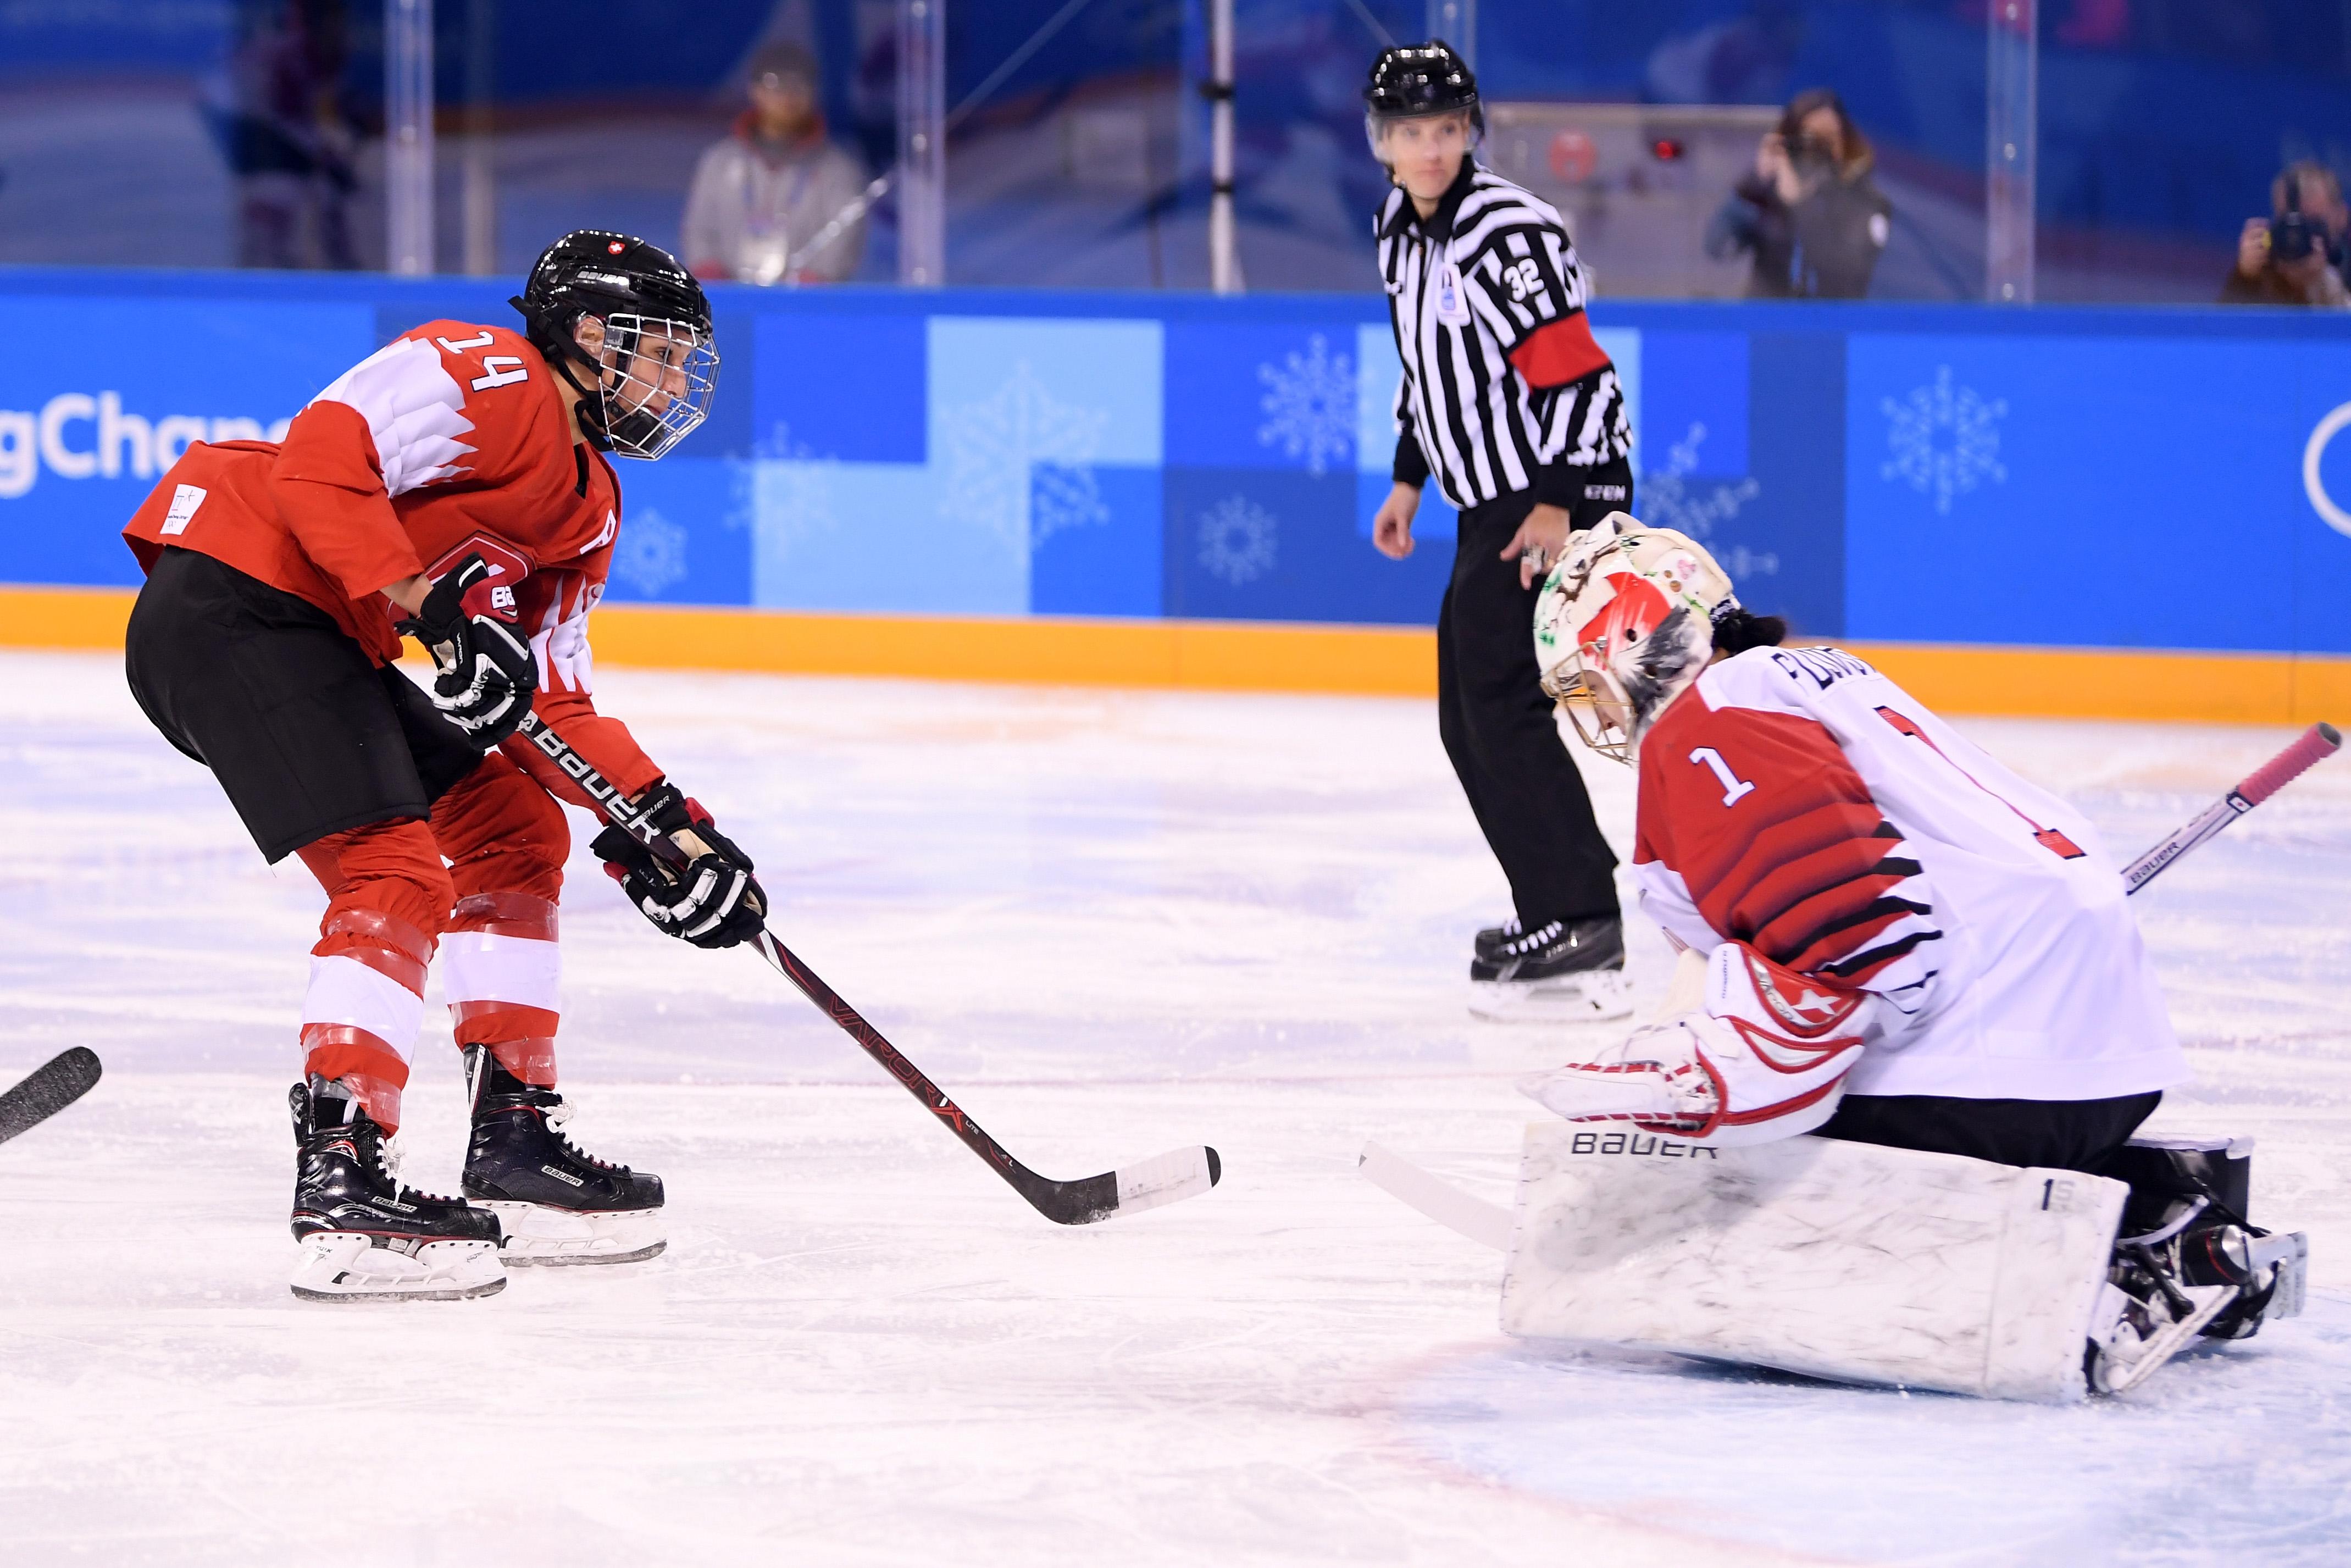 Evelina Raselli #14 of Switzerland shoots and scores against Nana Fujimoto #1 of Japan